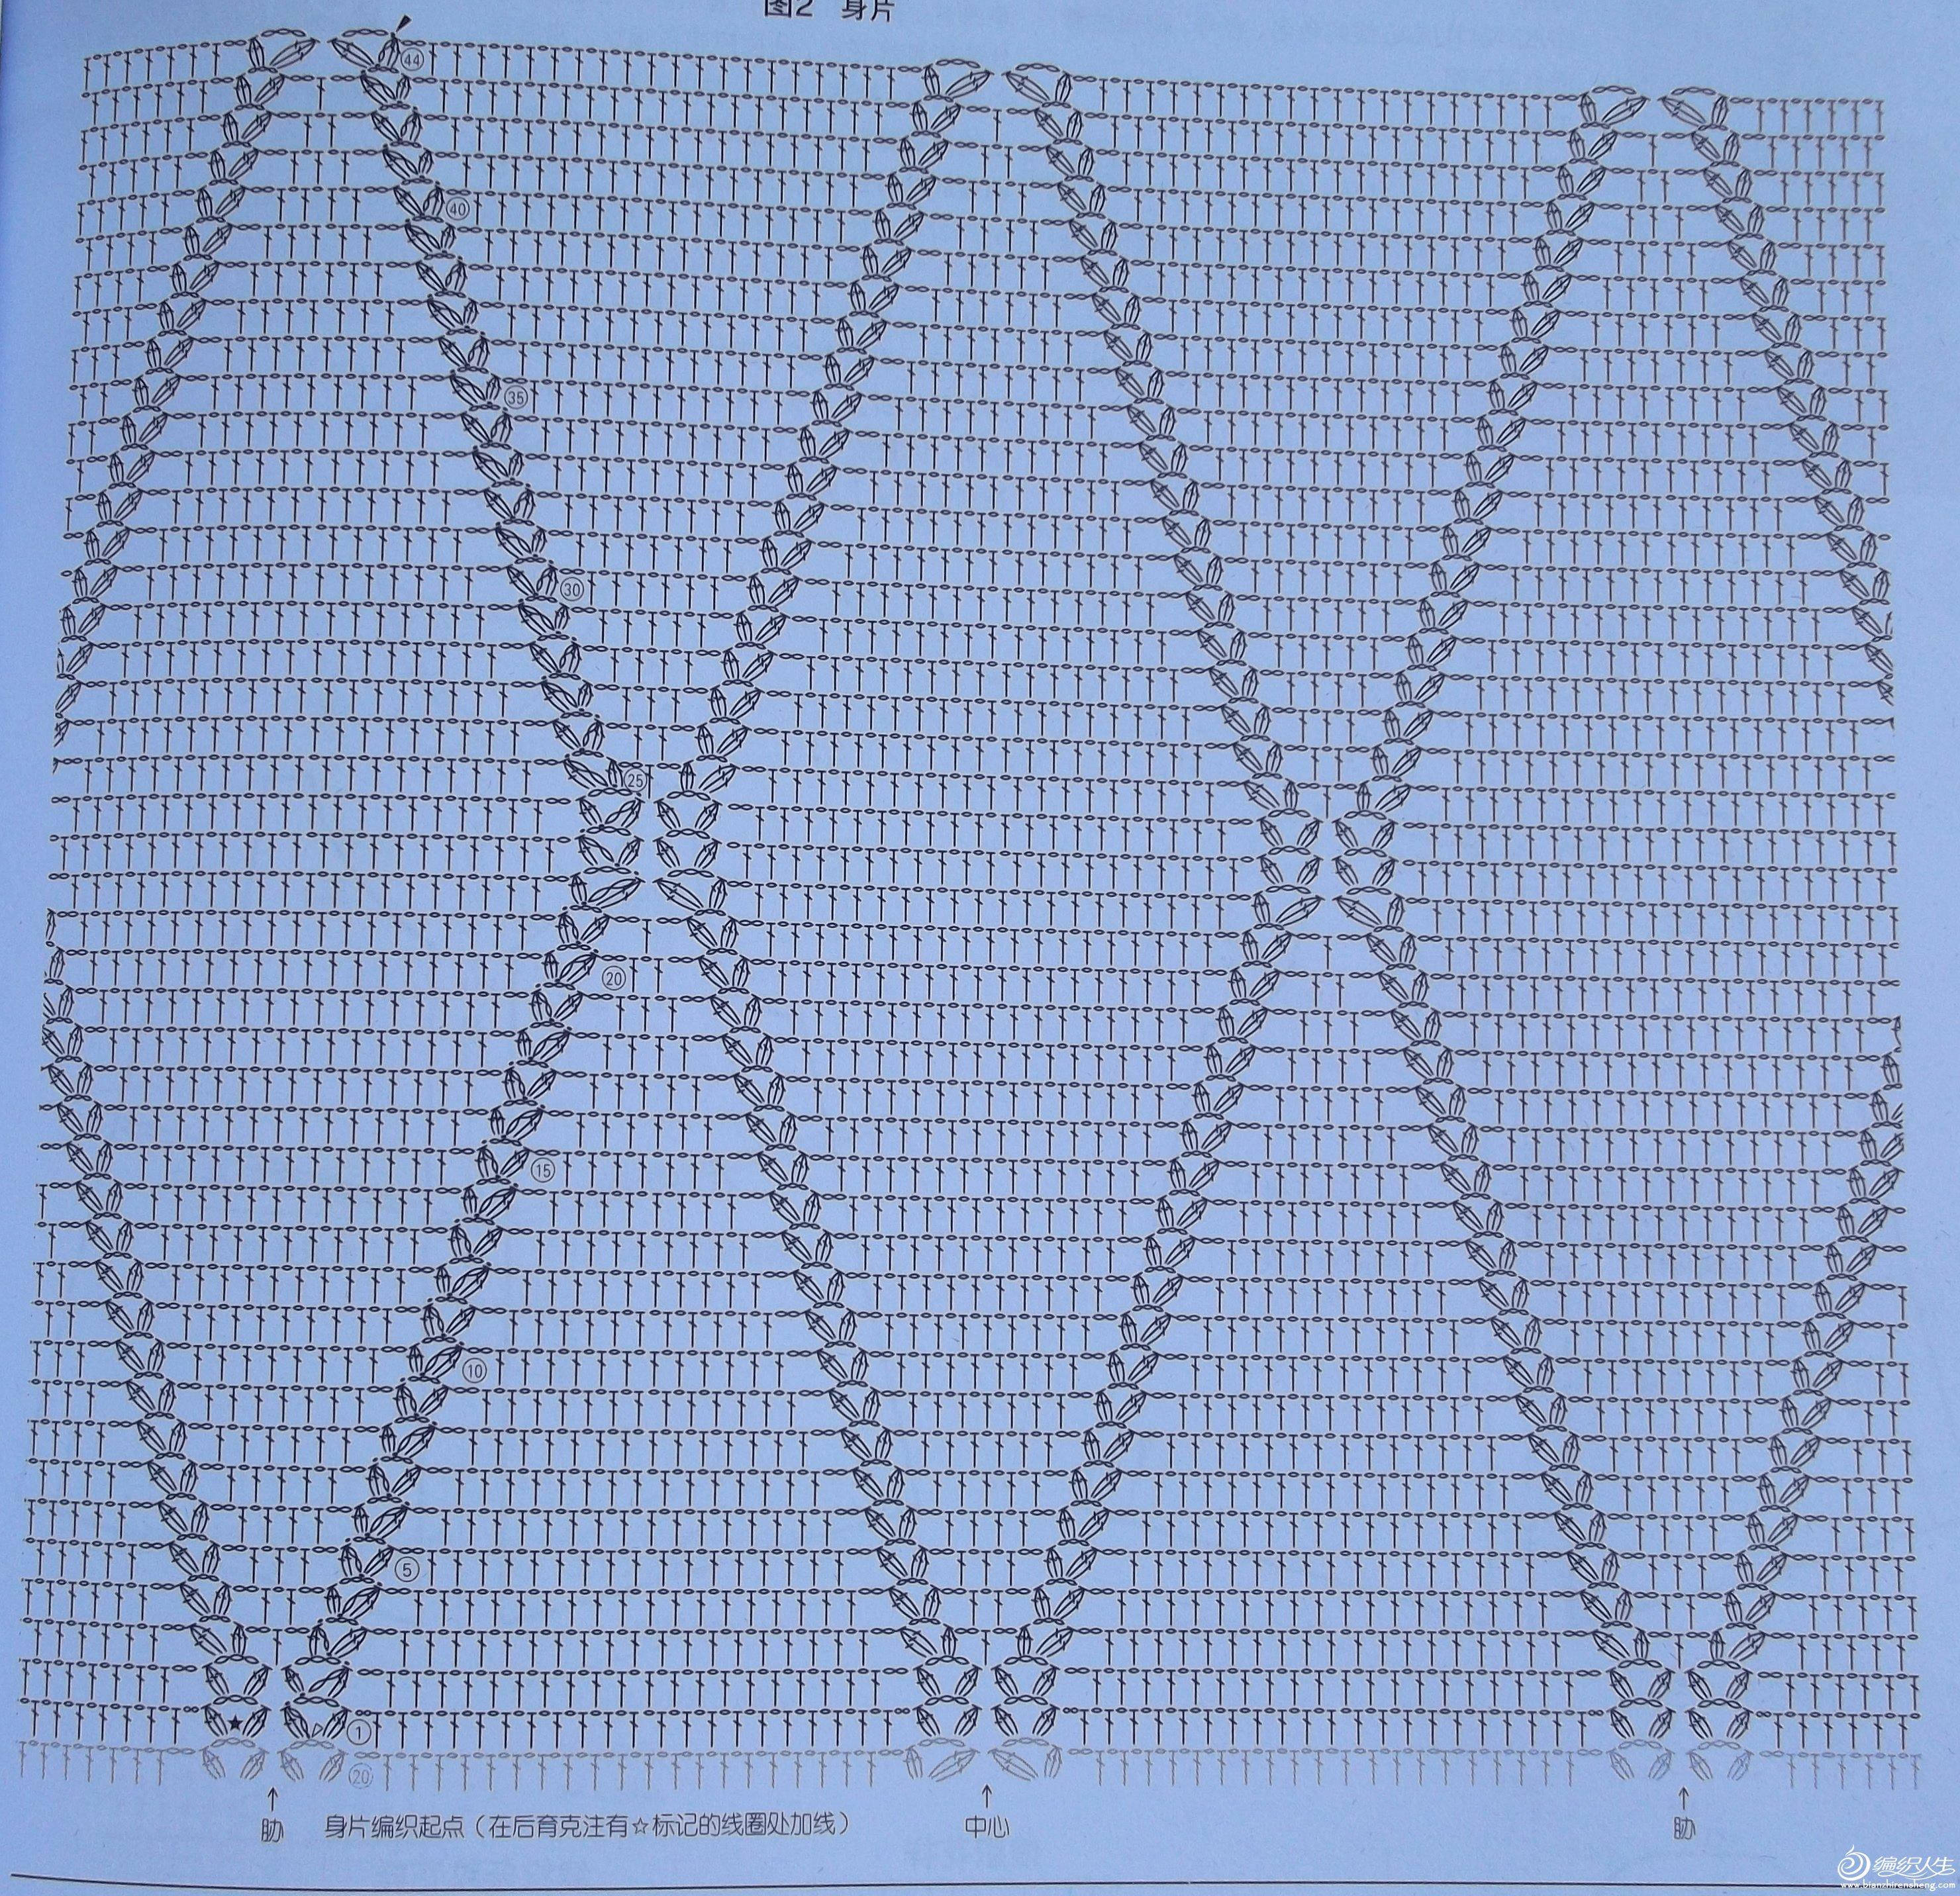 大菱形图解  (2).JPG